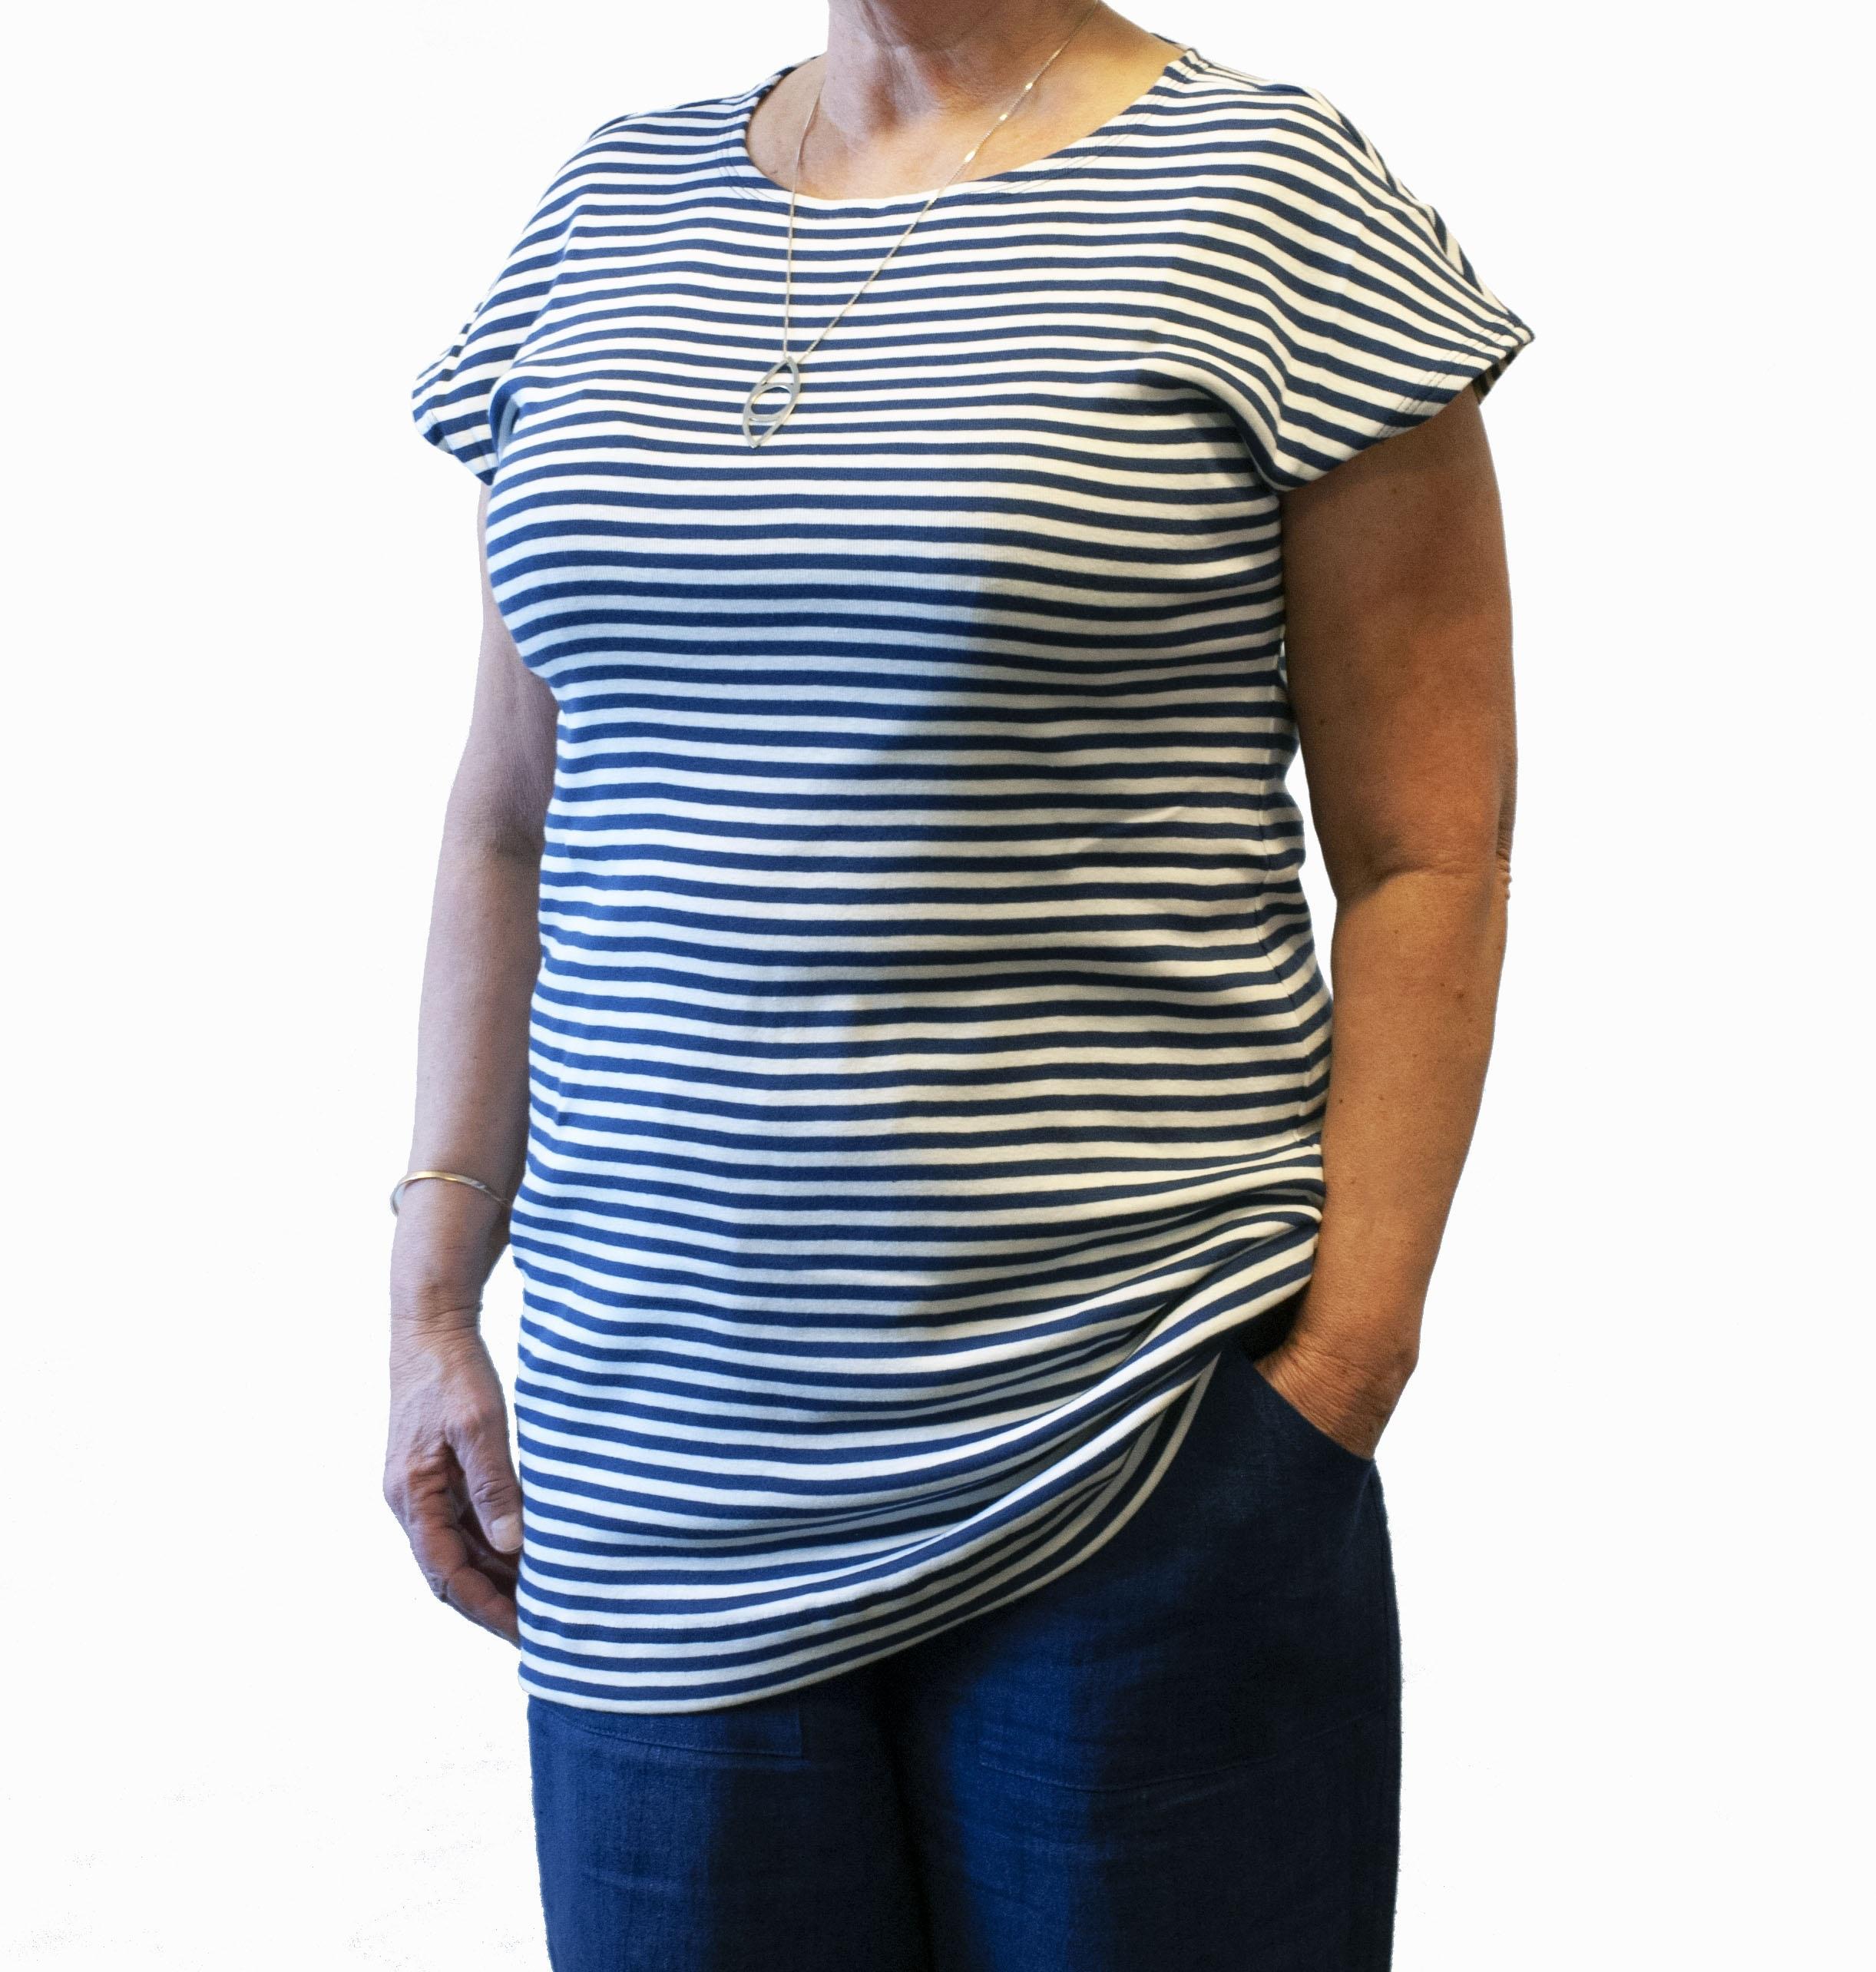 Holkärm blå vit randig lång tshirt 2